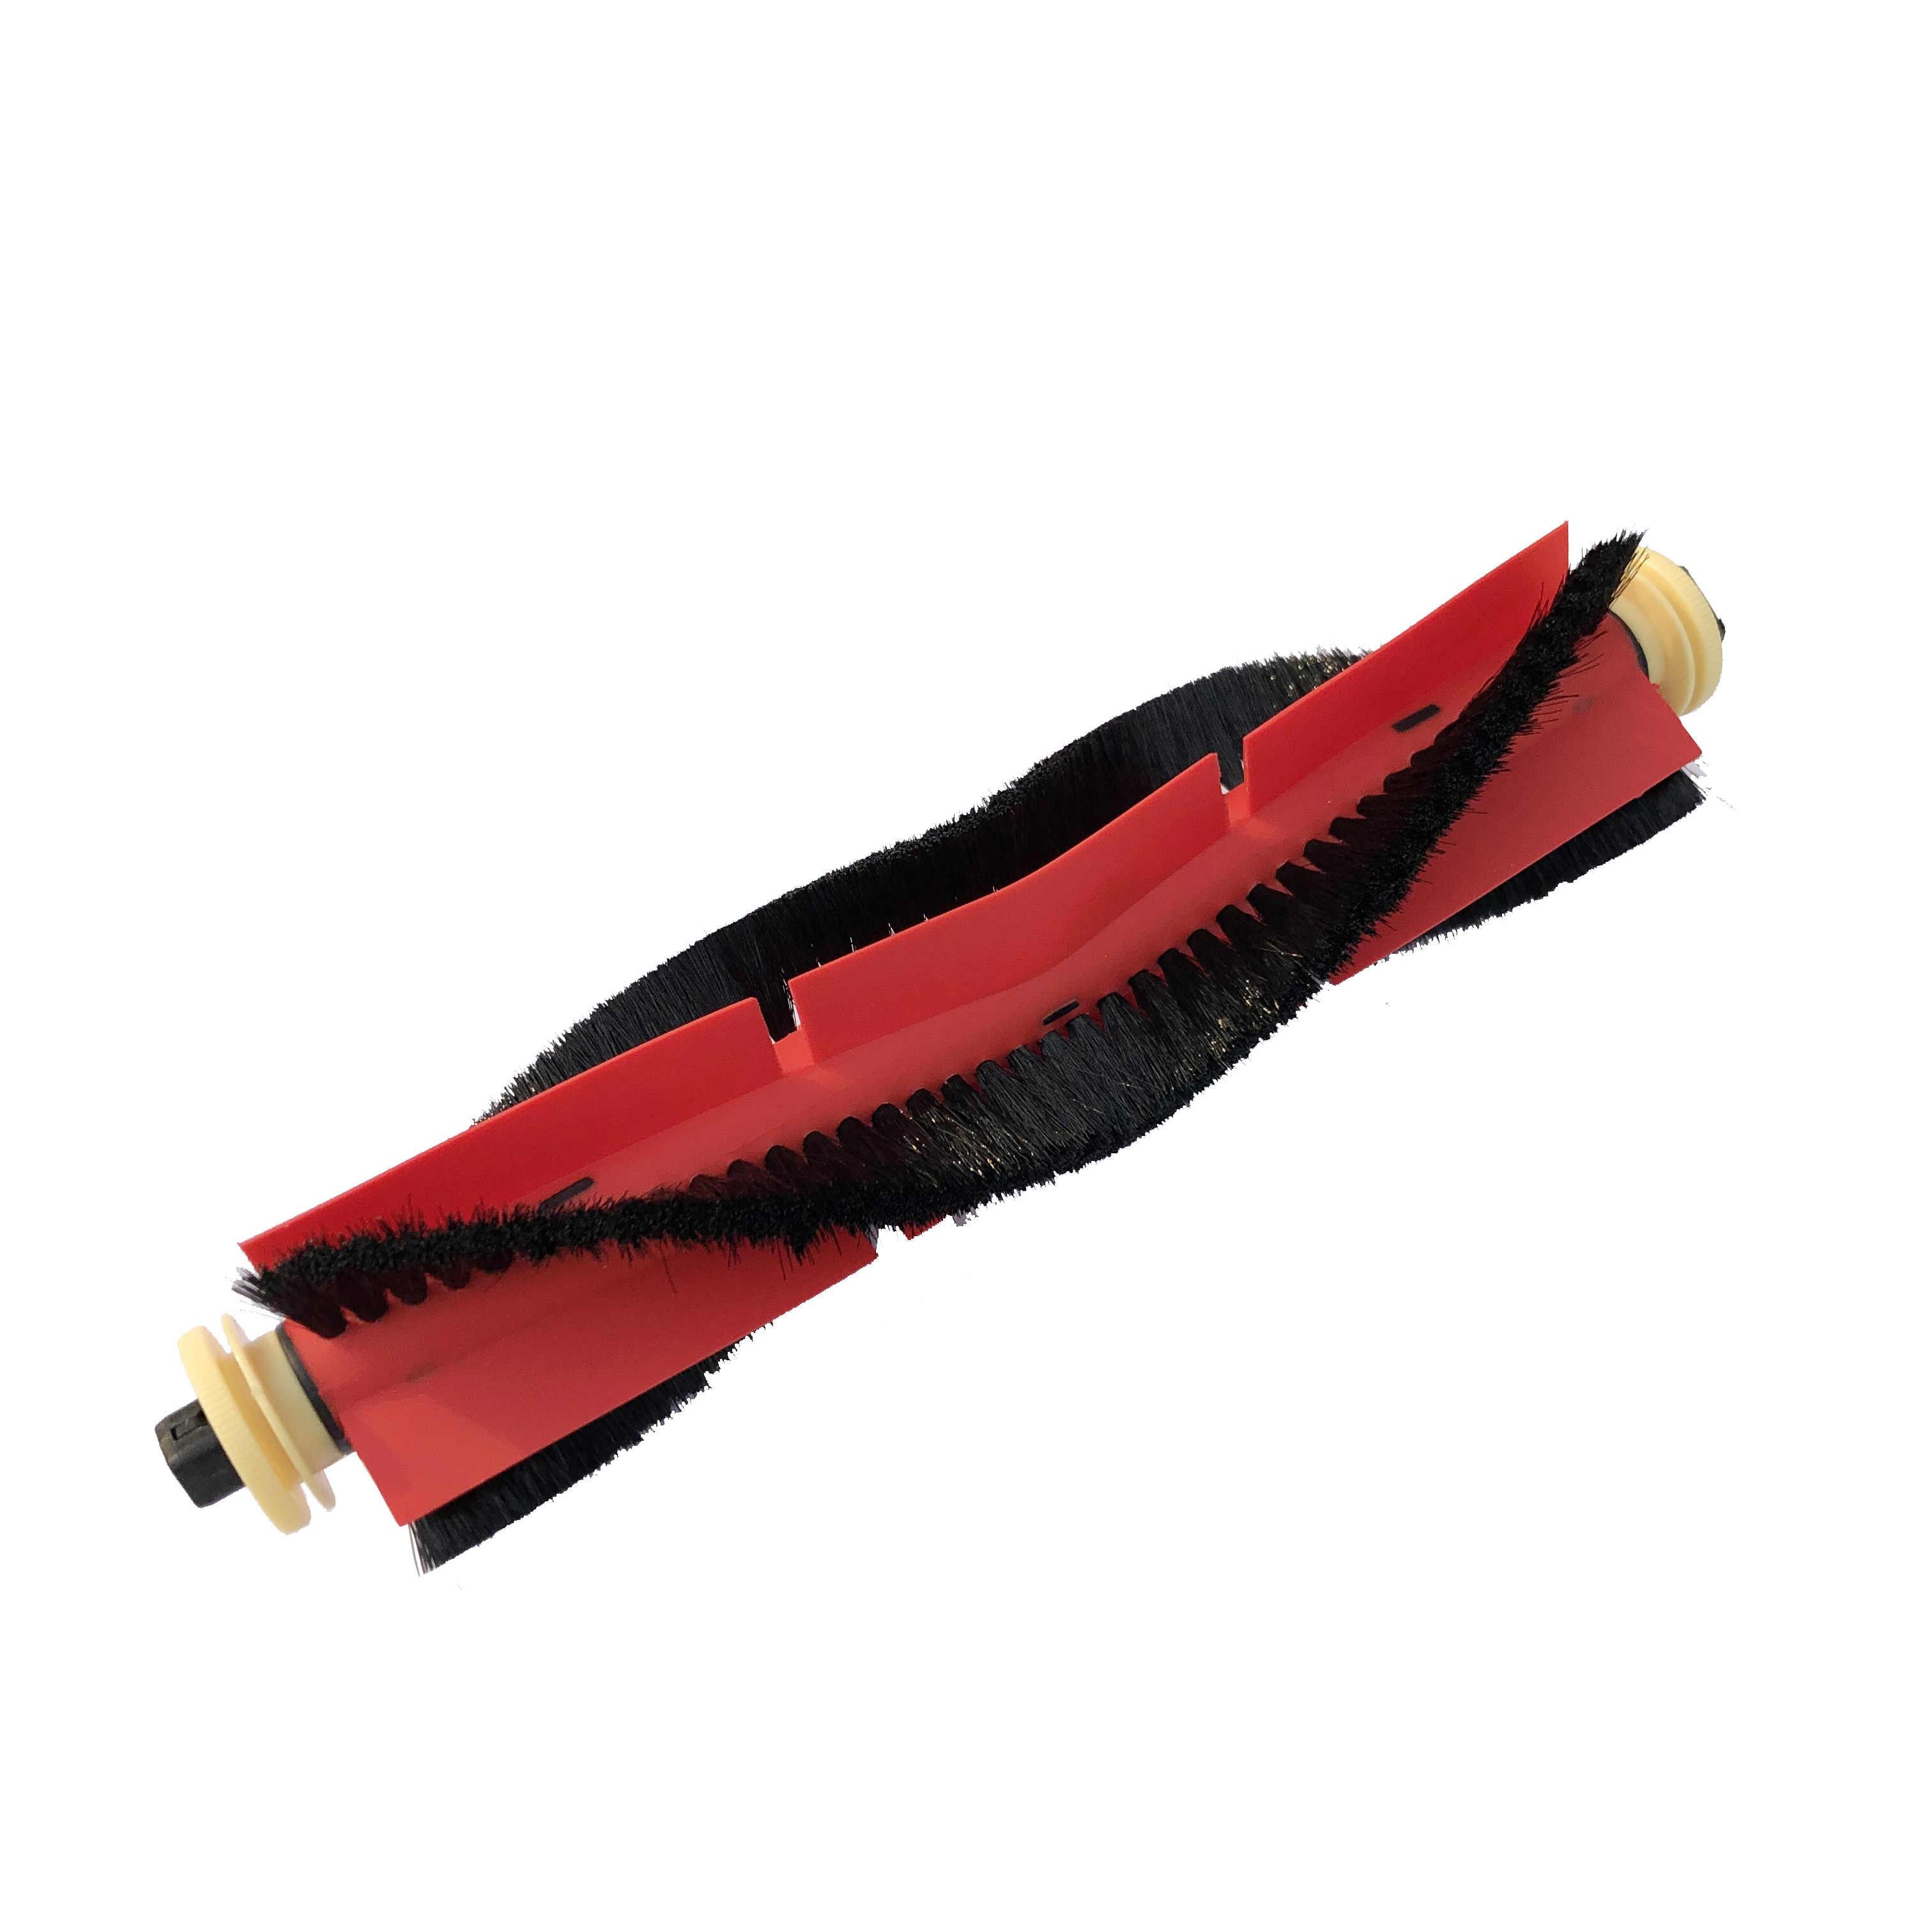 Запасные части моющие Салфетки основная щетка HEPA фильтр для Xiaomi Roborock S6 S60 S65 S5 S50 S55 E25 E35 аксессуары для пылесоса